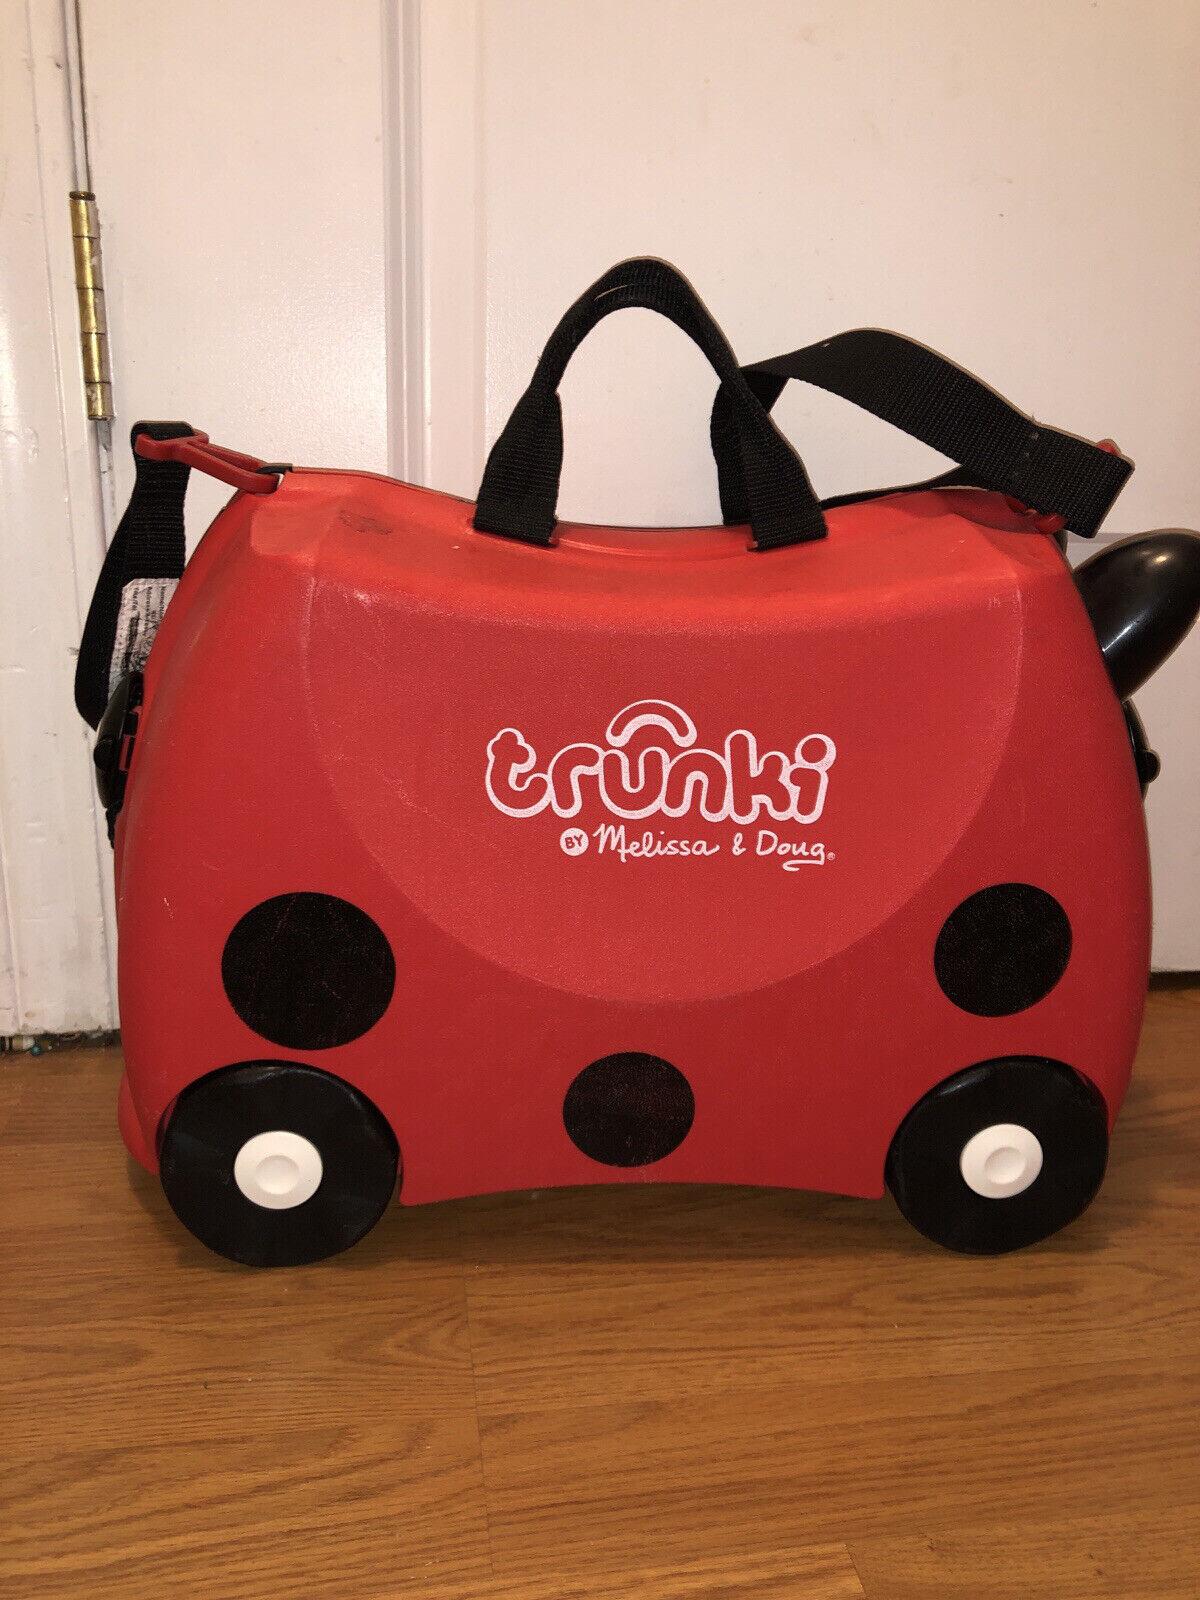 Melissa & Doug Trunki Red Lady Bug Kids Suitcase Luggage Ride On Bag